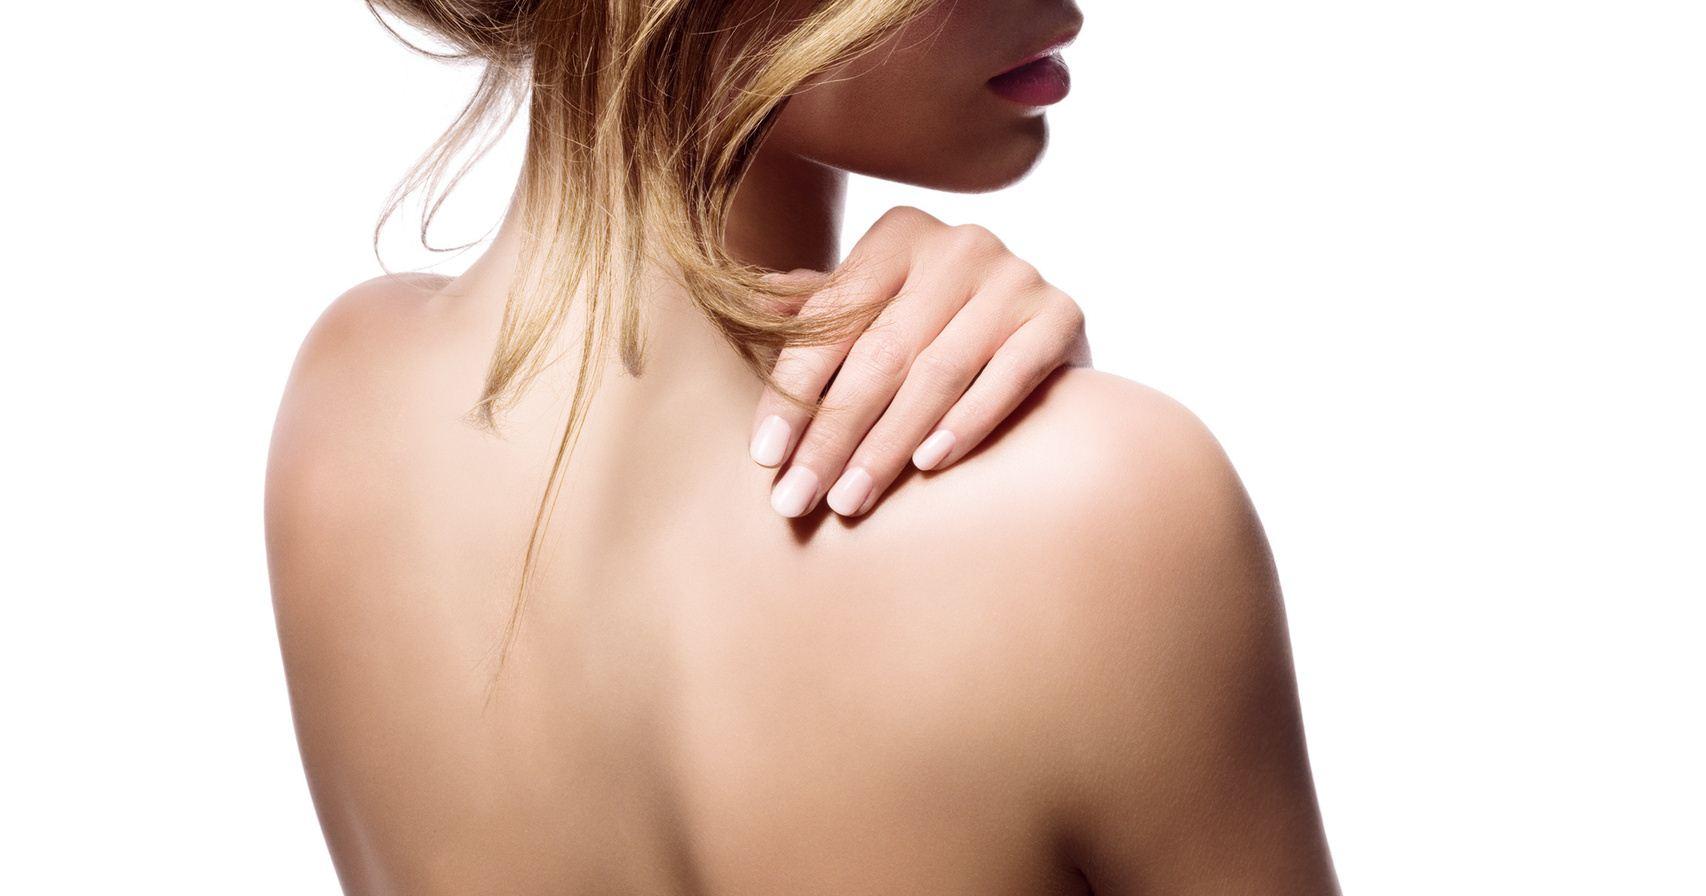 5 привычек, которые вызывают проблемы со спиной